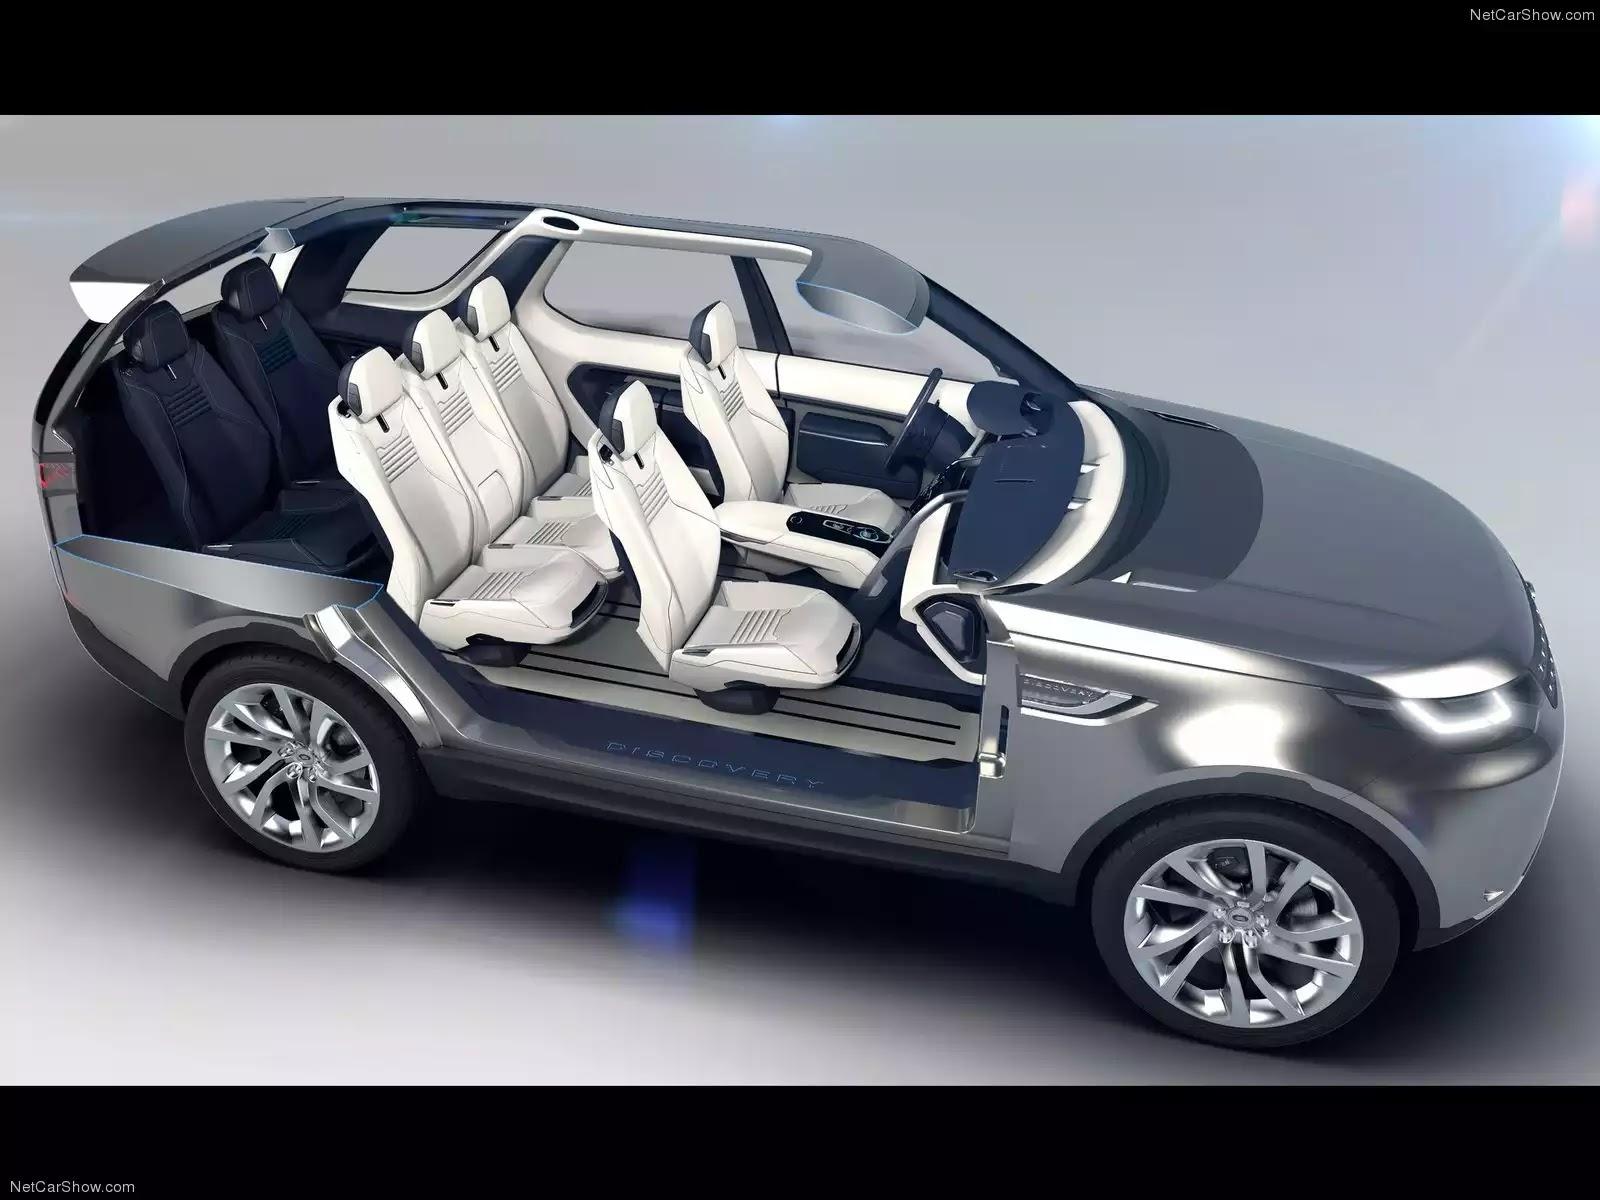 Hình ảnh xe ô tô Land Rover Discovery Vision Concept 2014 & nội ngoại thất